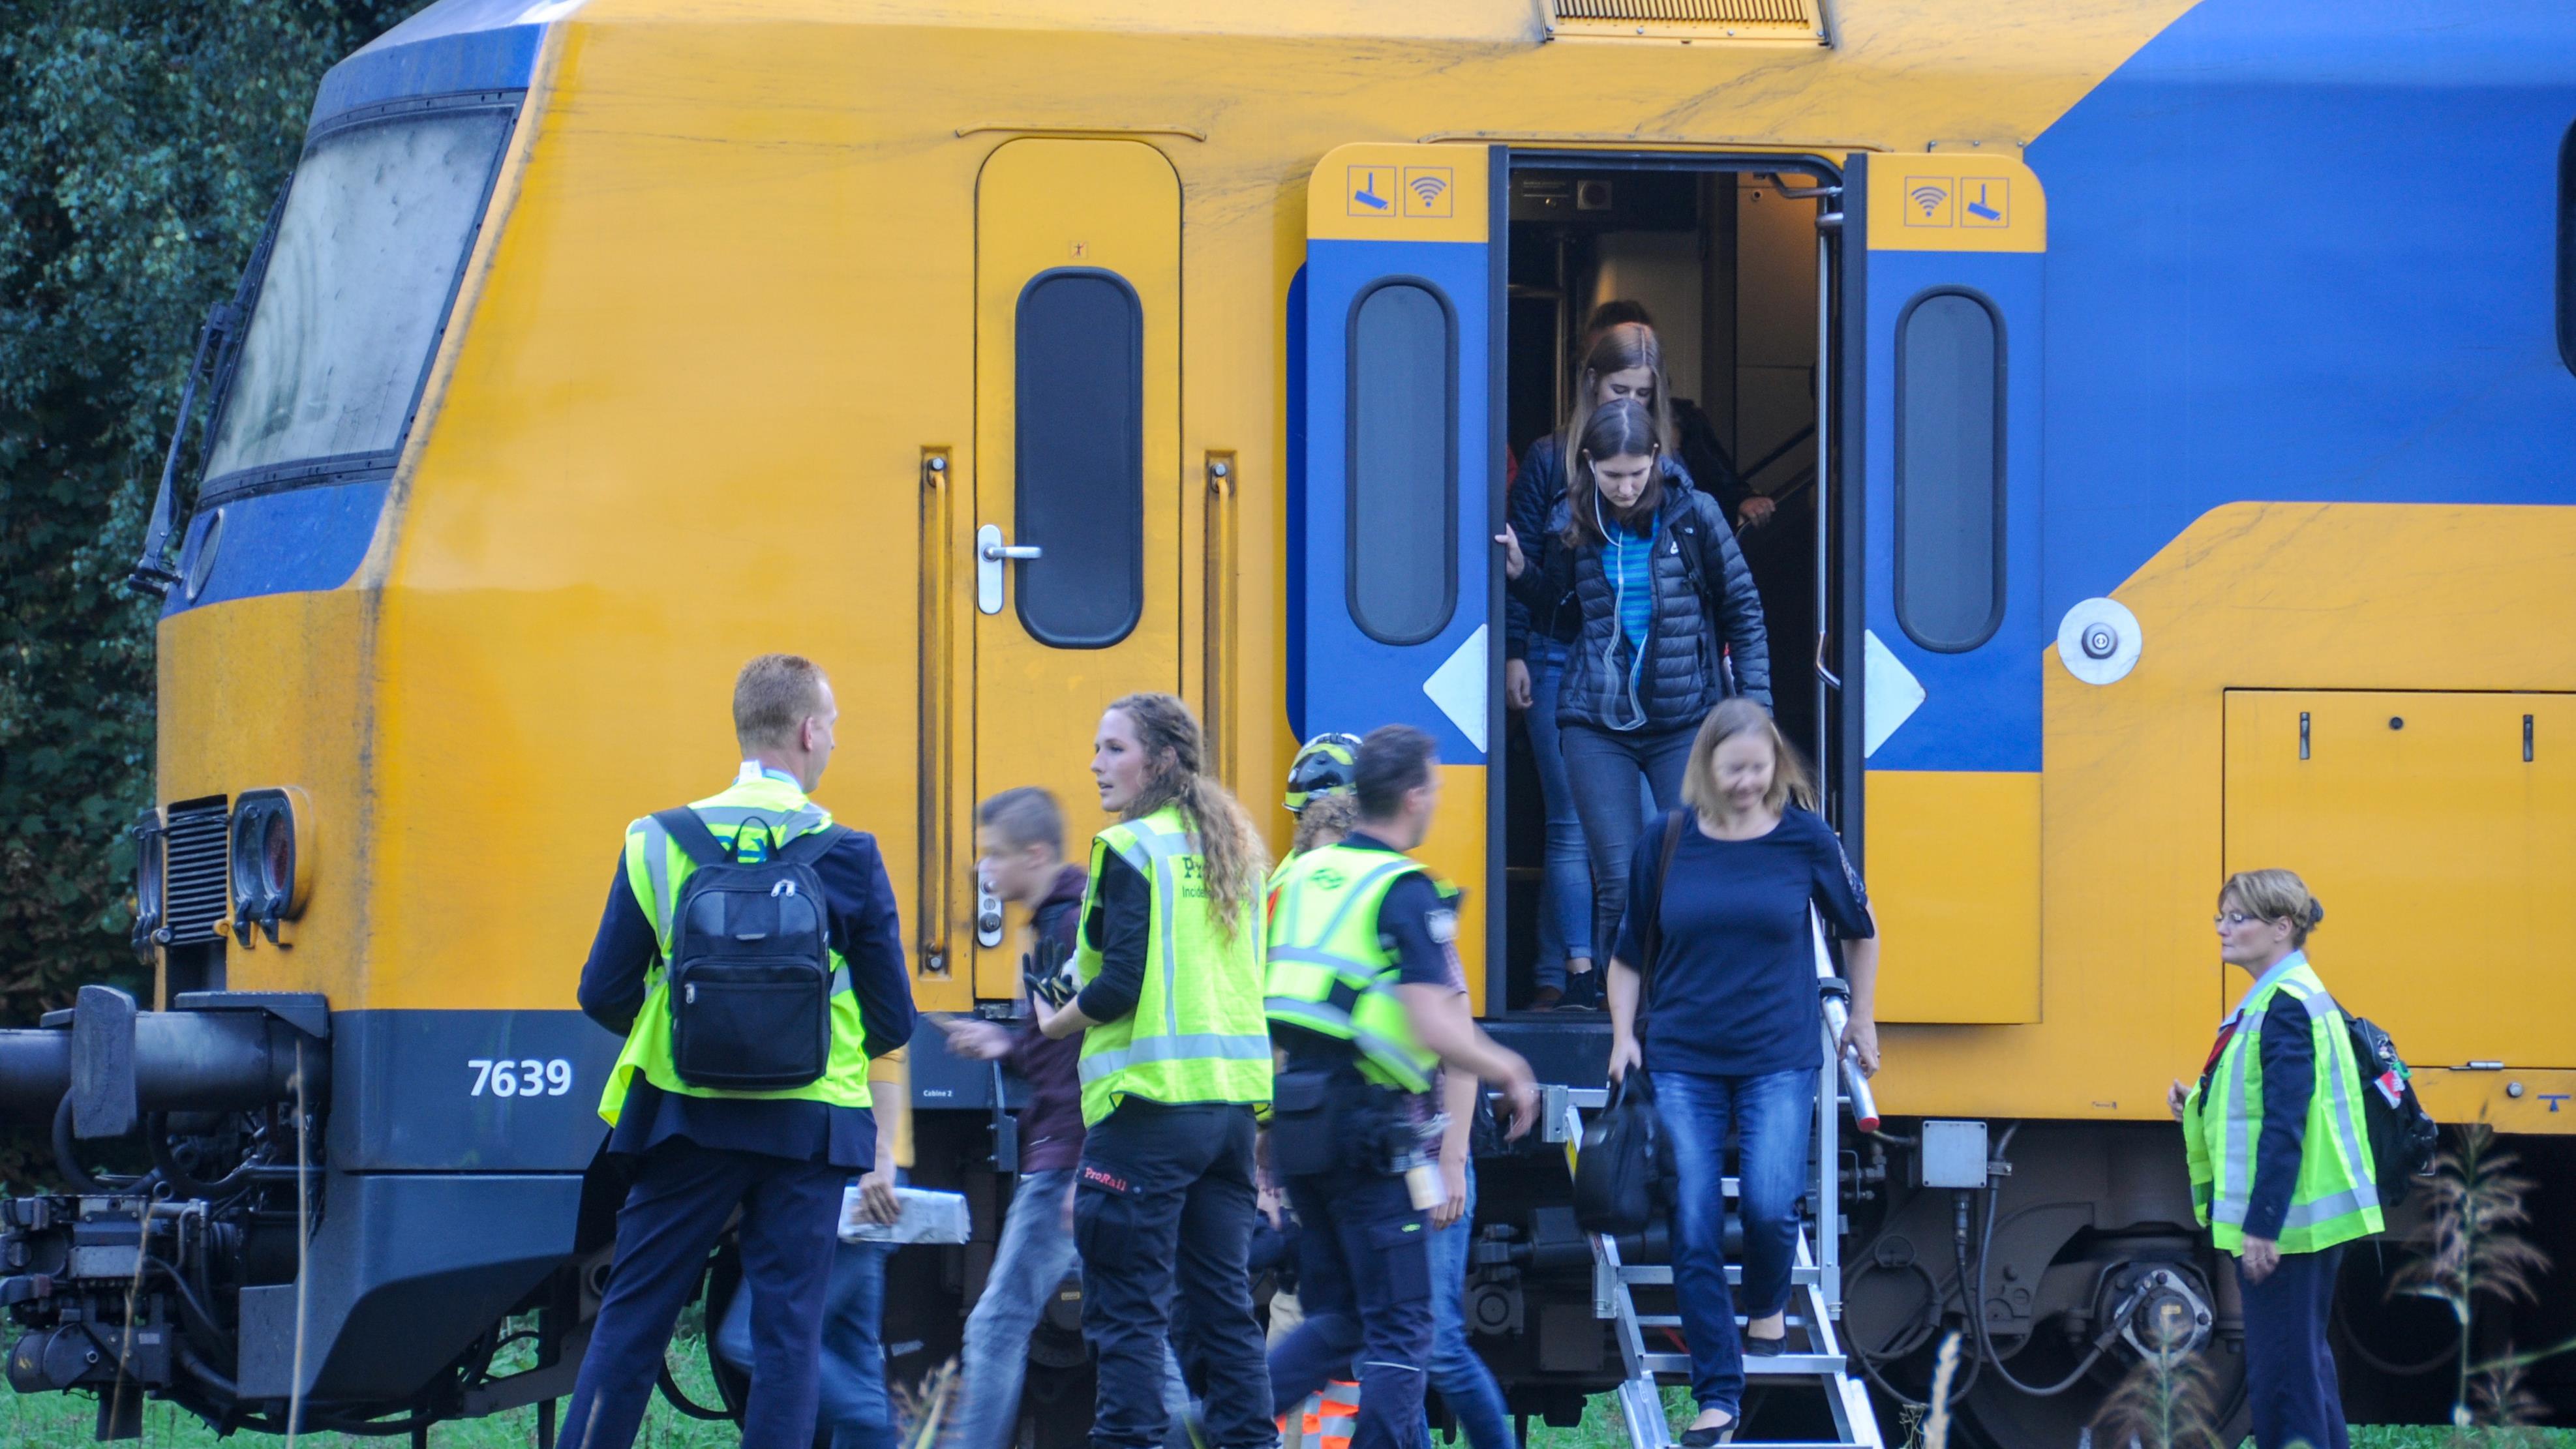 Aanrijding met persoon, treinen rijden weer tussen Olst en Deventer.